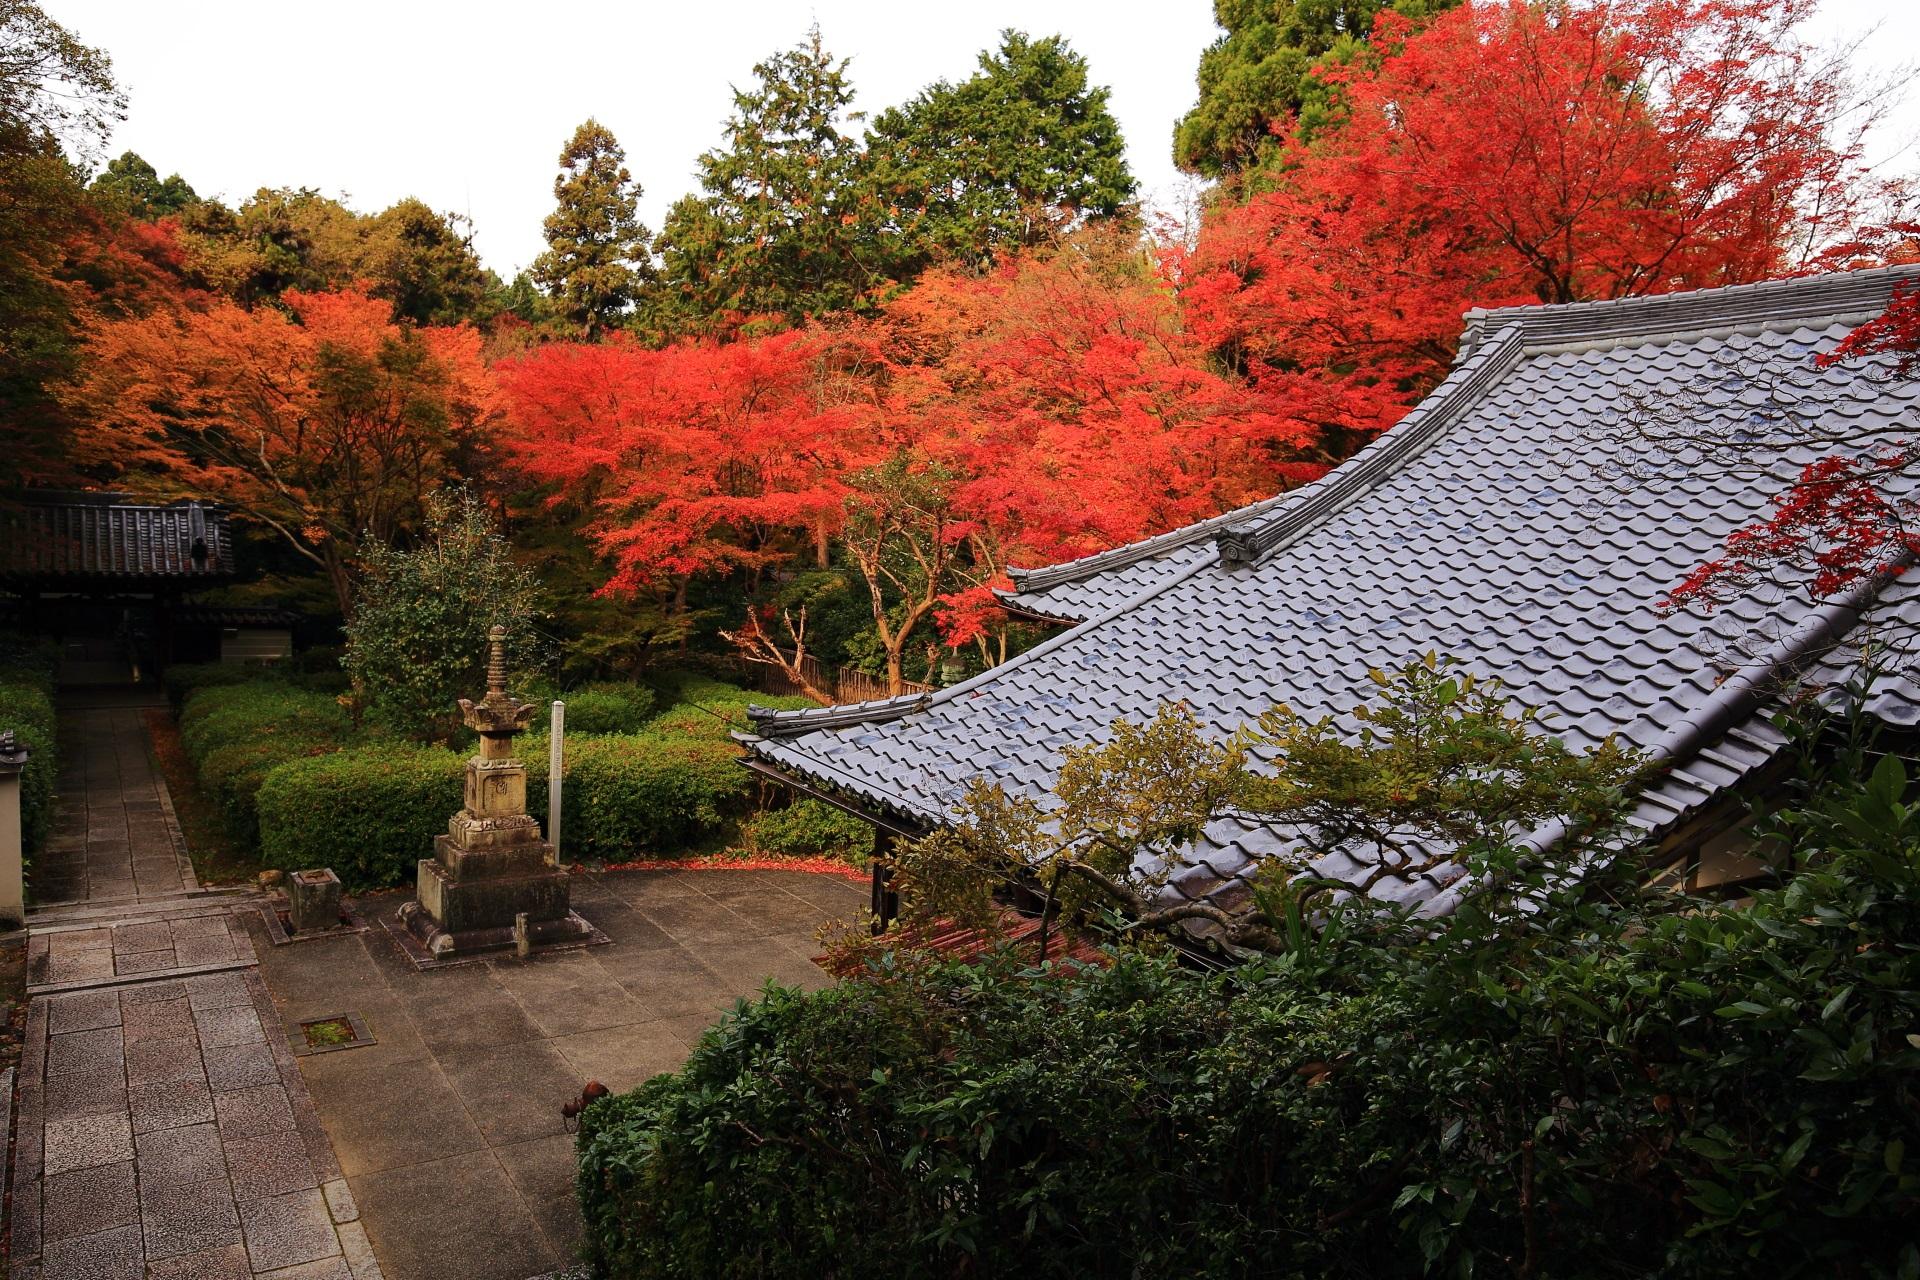 来迎院の素晴らしい紅葉と秋の情景